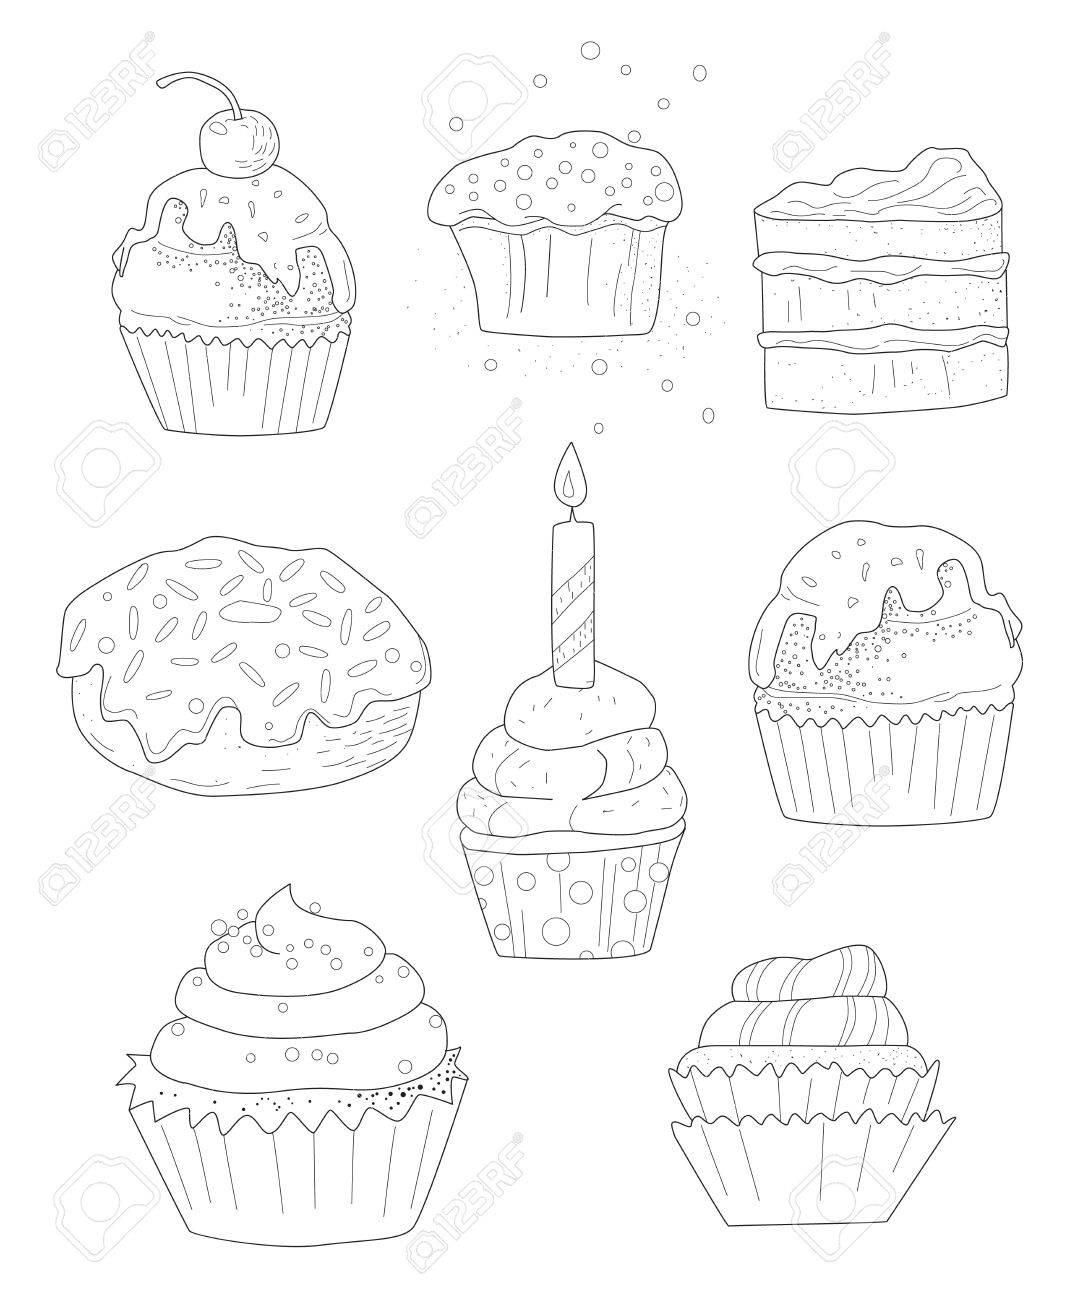 Sammlung Von Kuchen, Seite Färbung Für Erwachsene, Von Hand ...